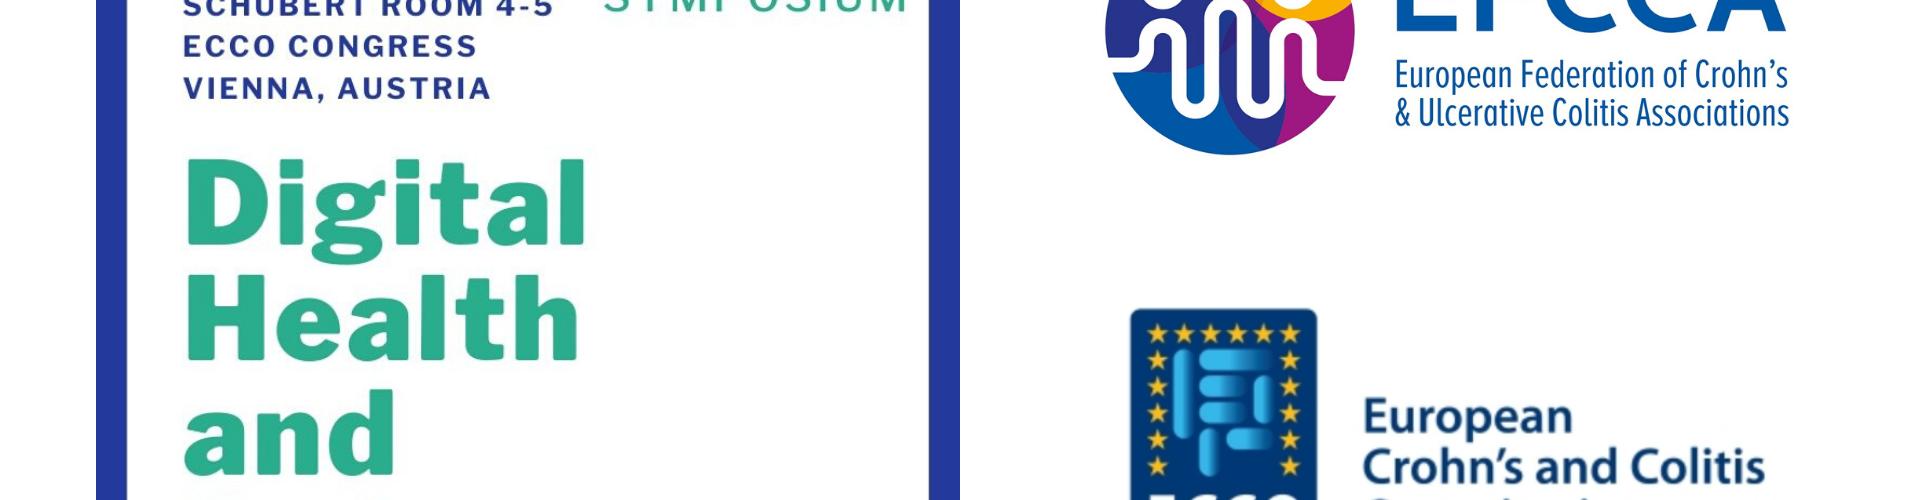 Симпозиум на Европейската федерация на асоциациите за болест на Крон и улцерозен колит